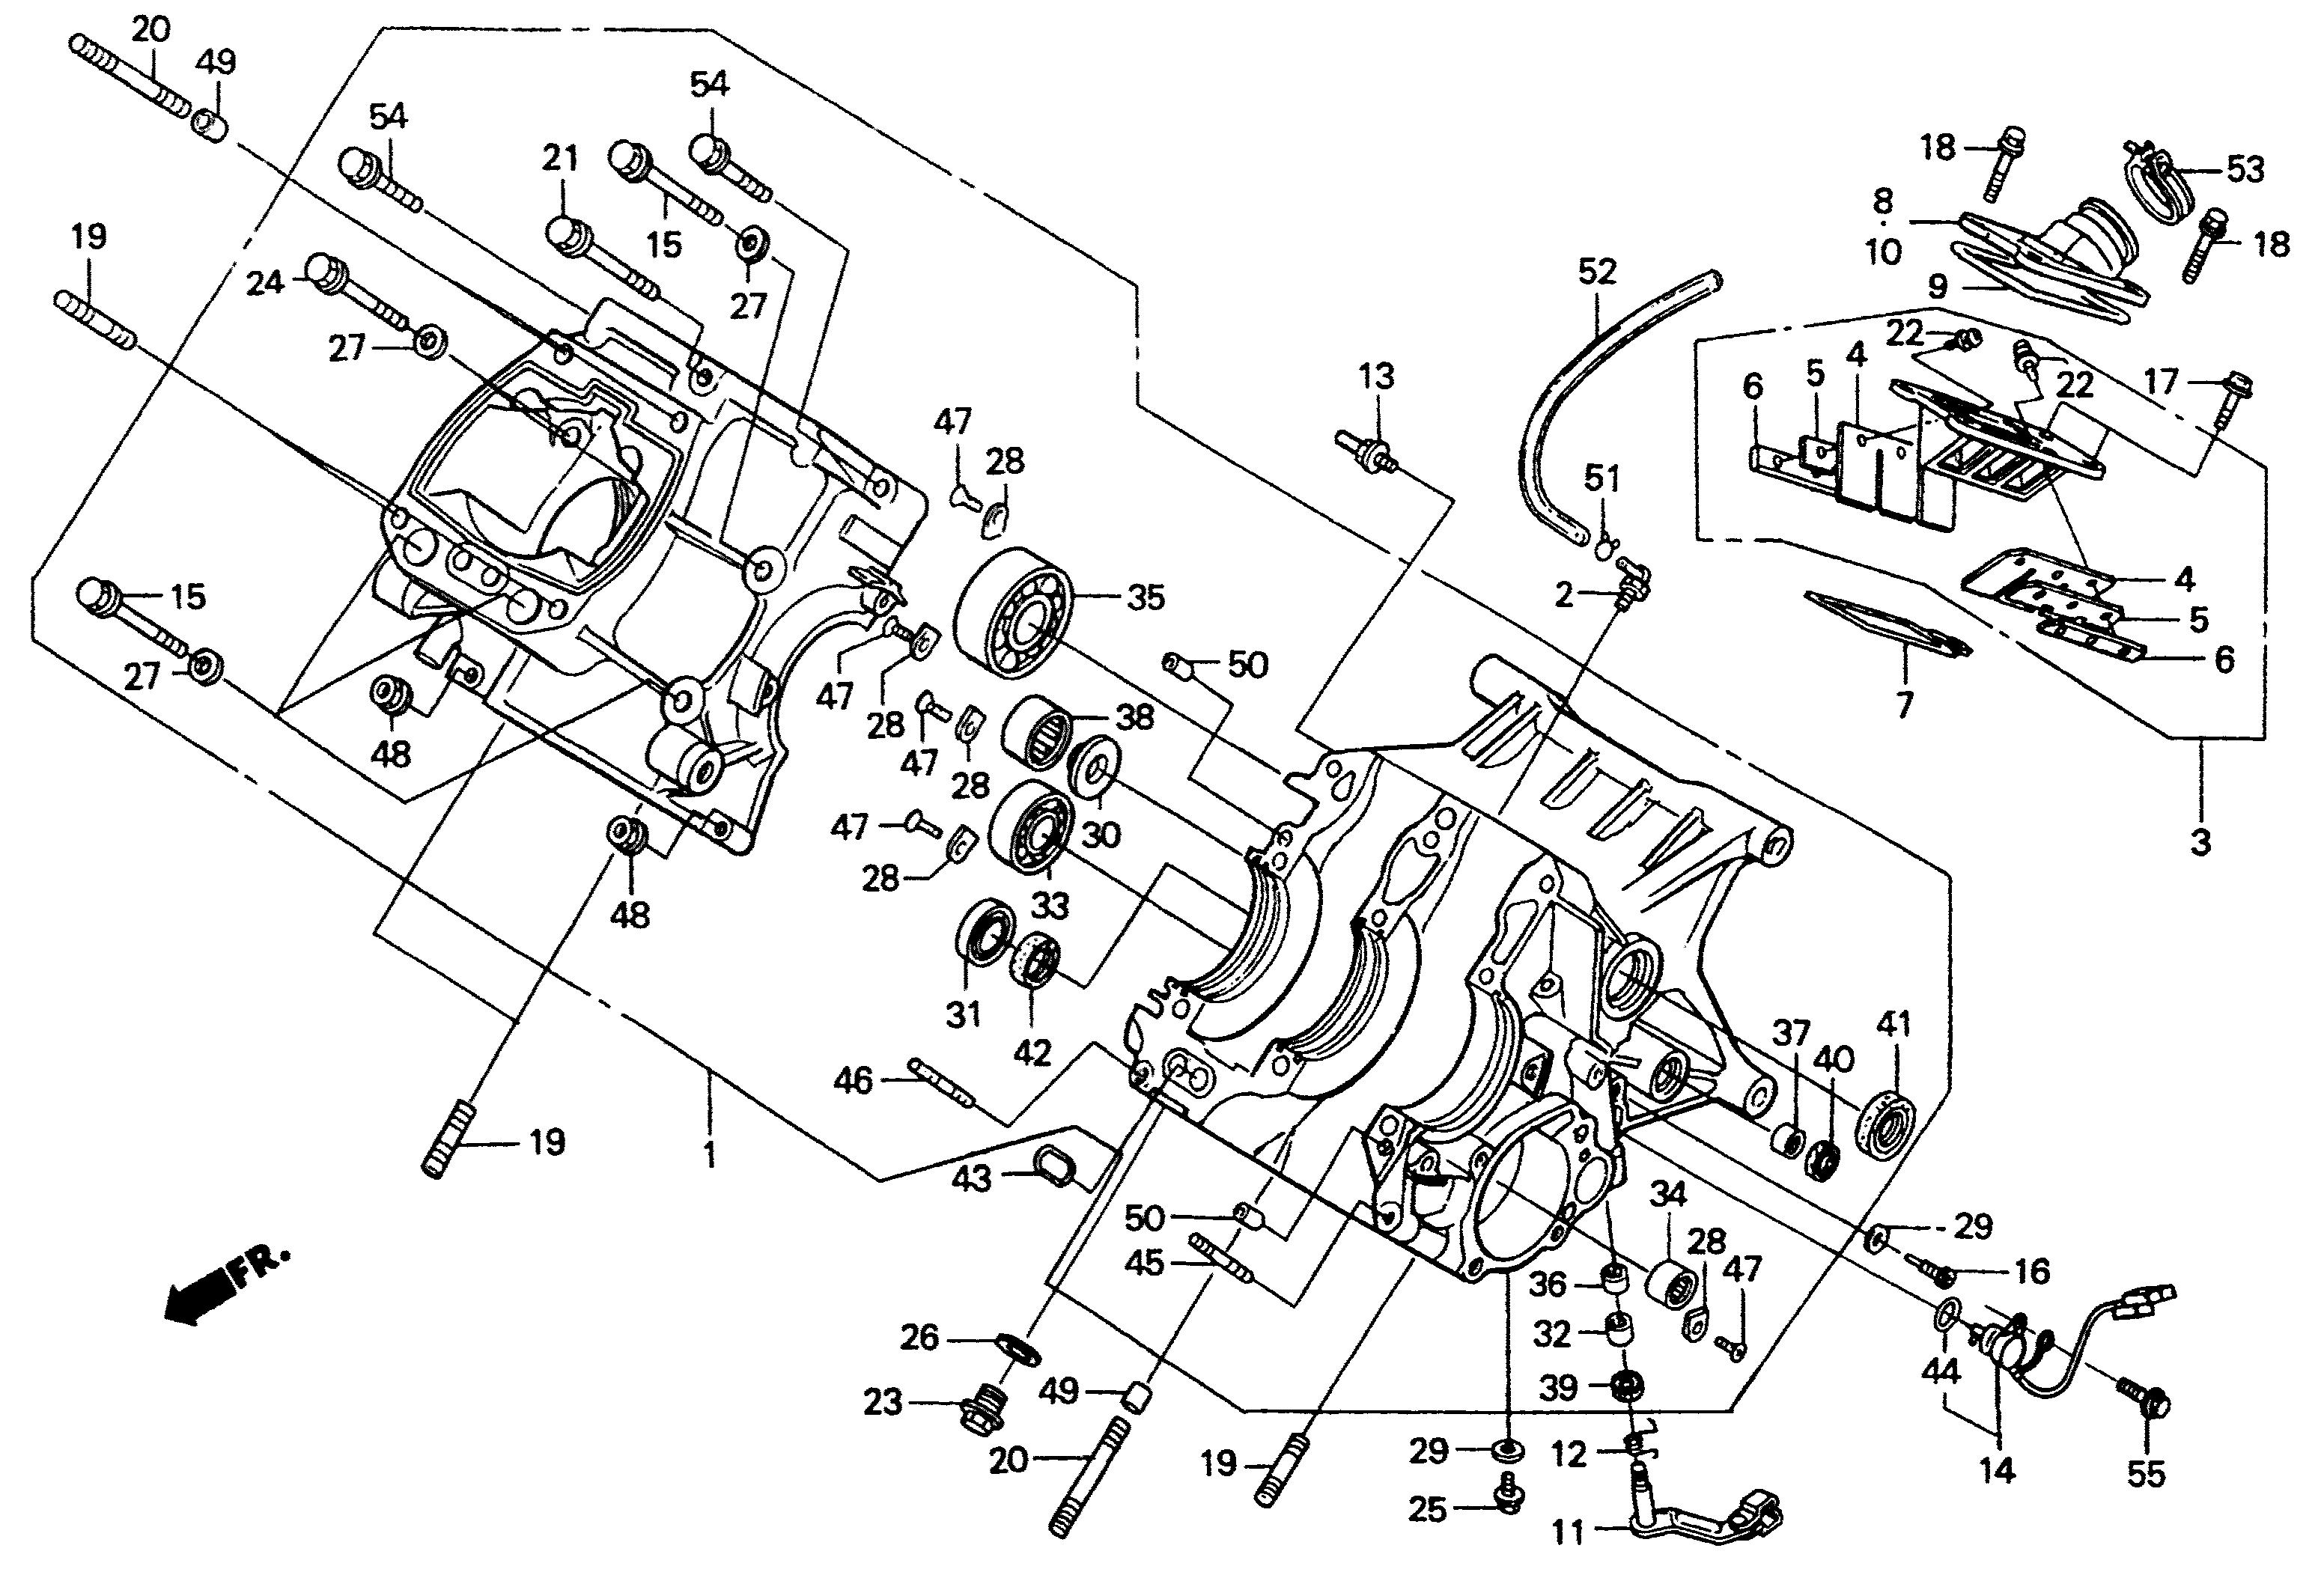 2001 honda nsr500v